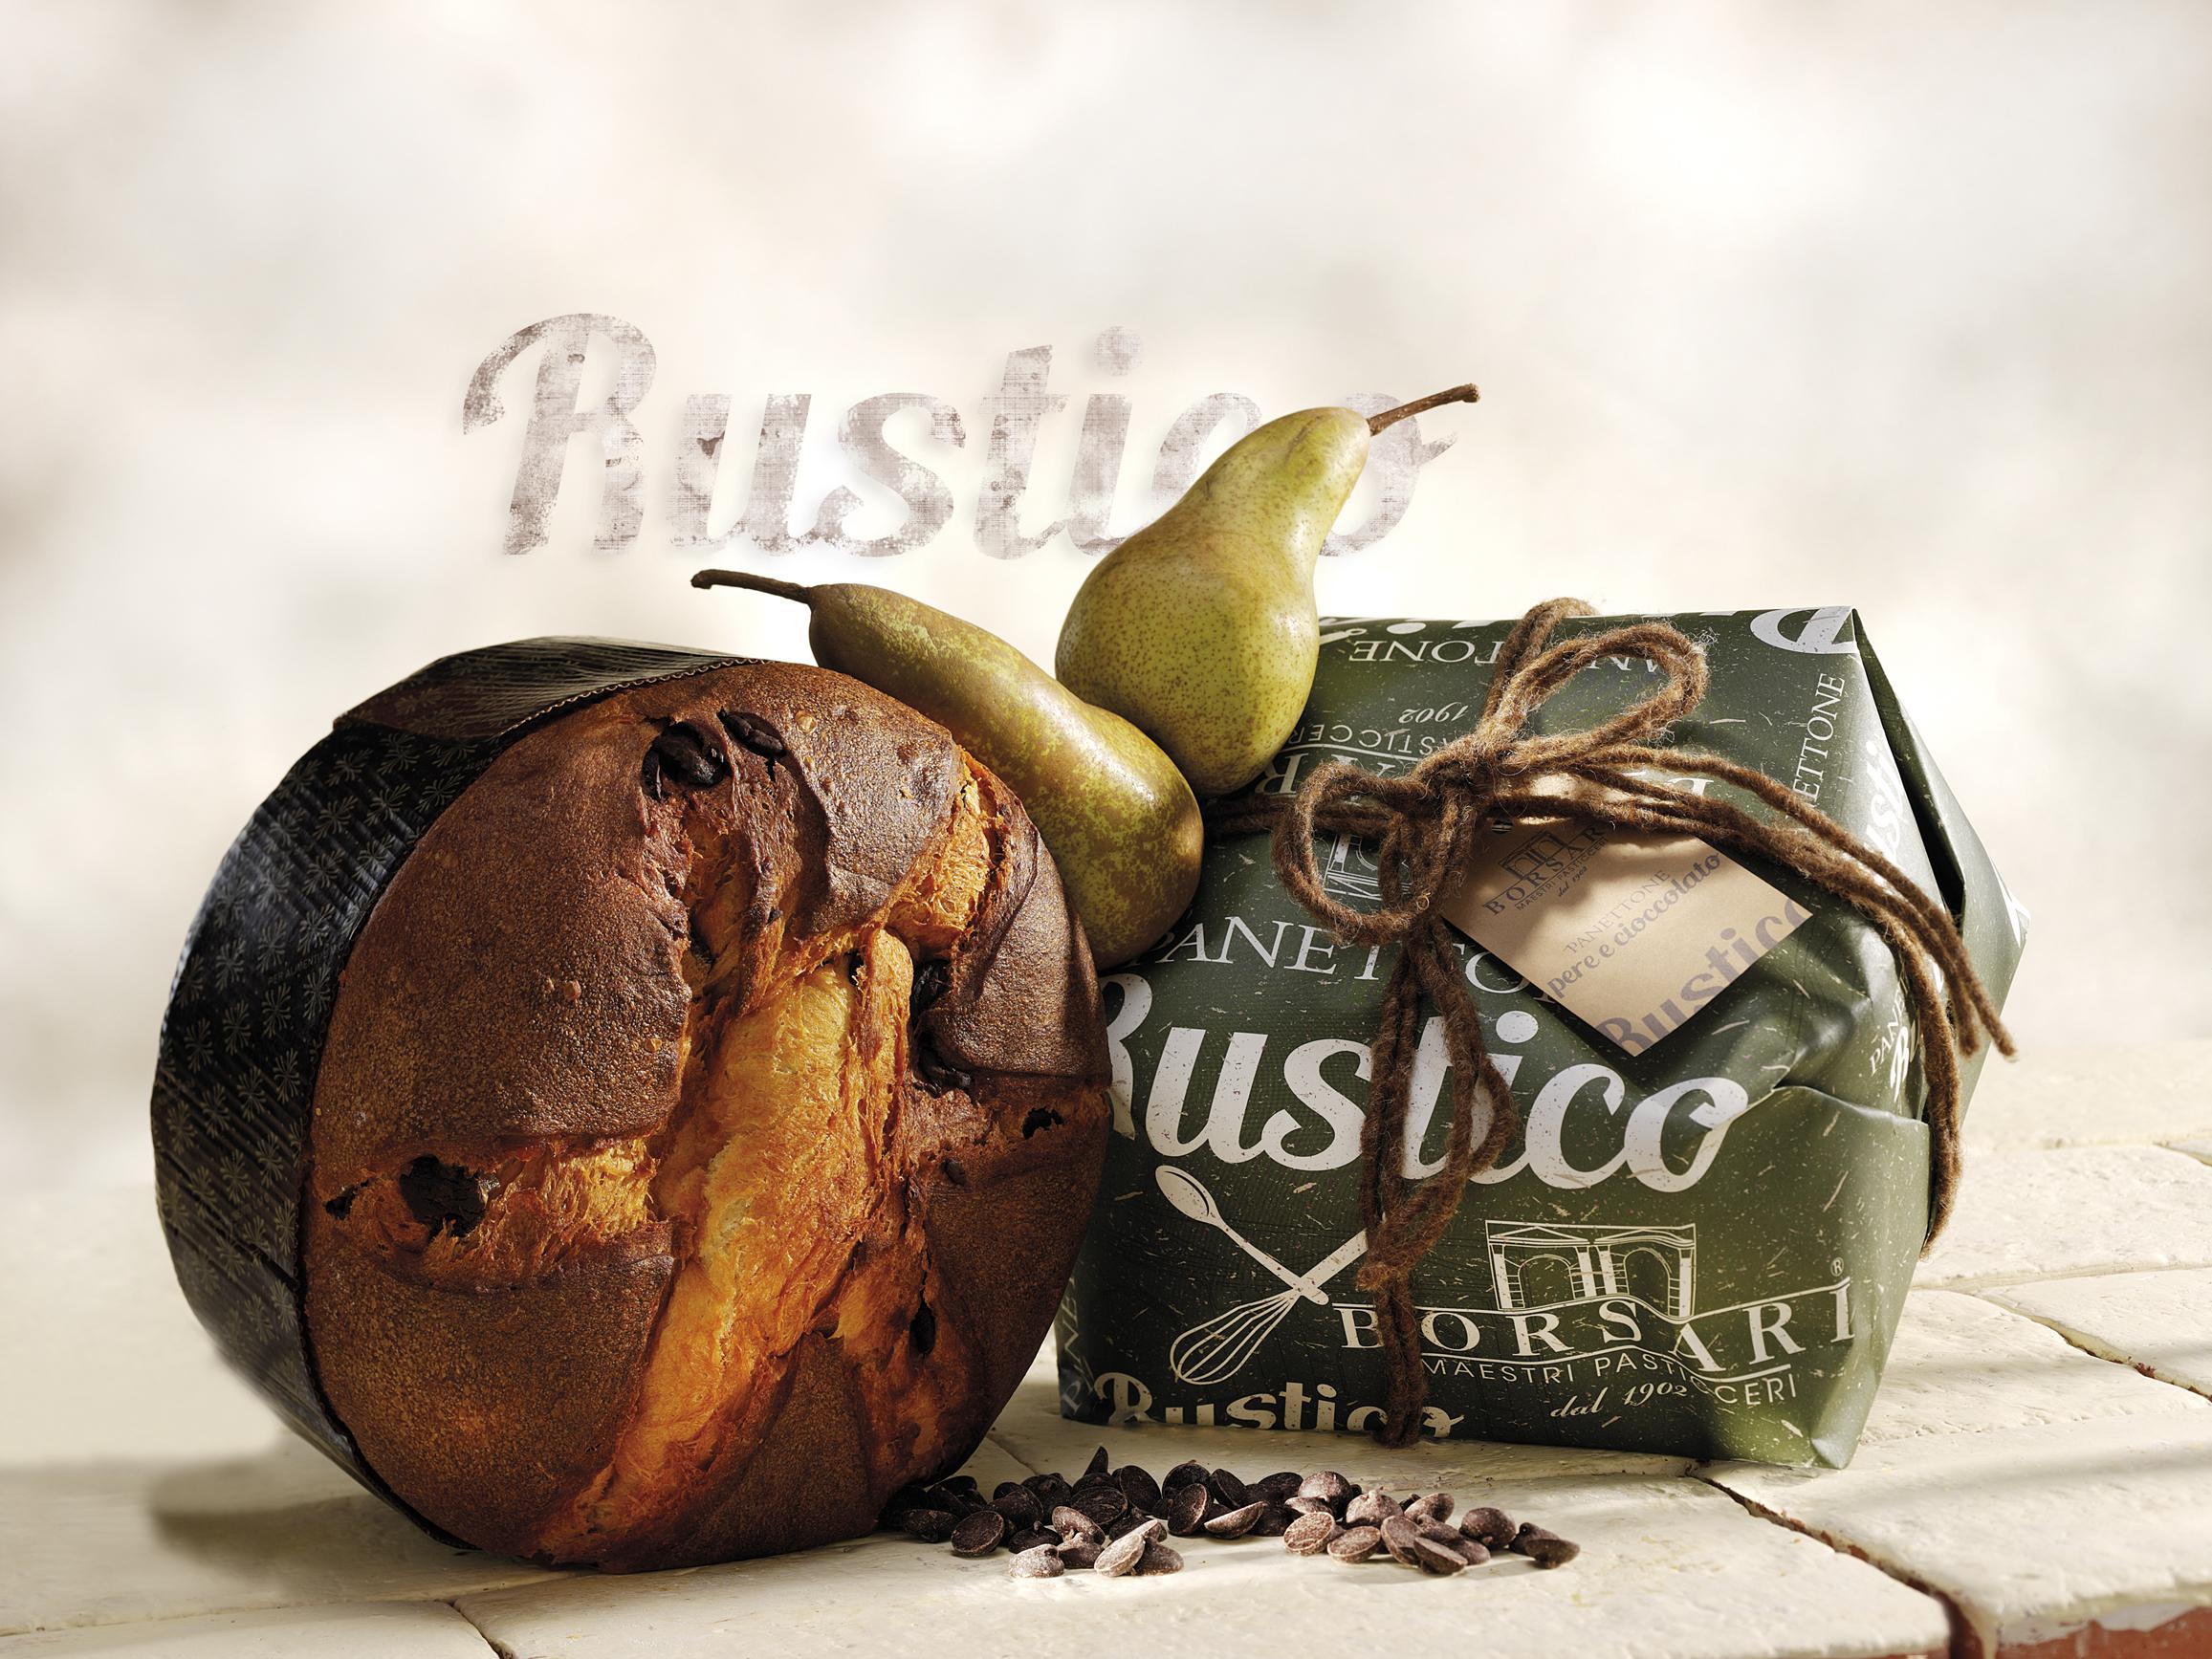 BORSARI - Panettone poire & chocolat